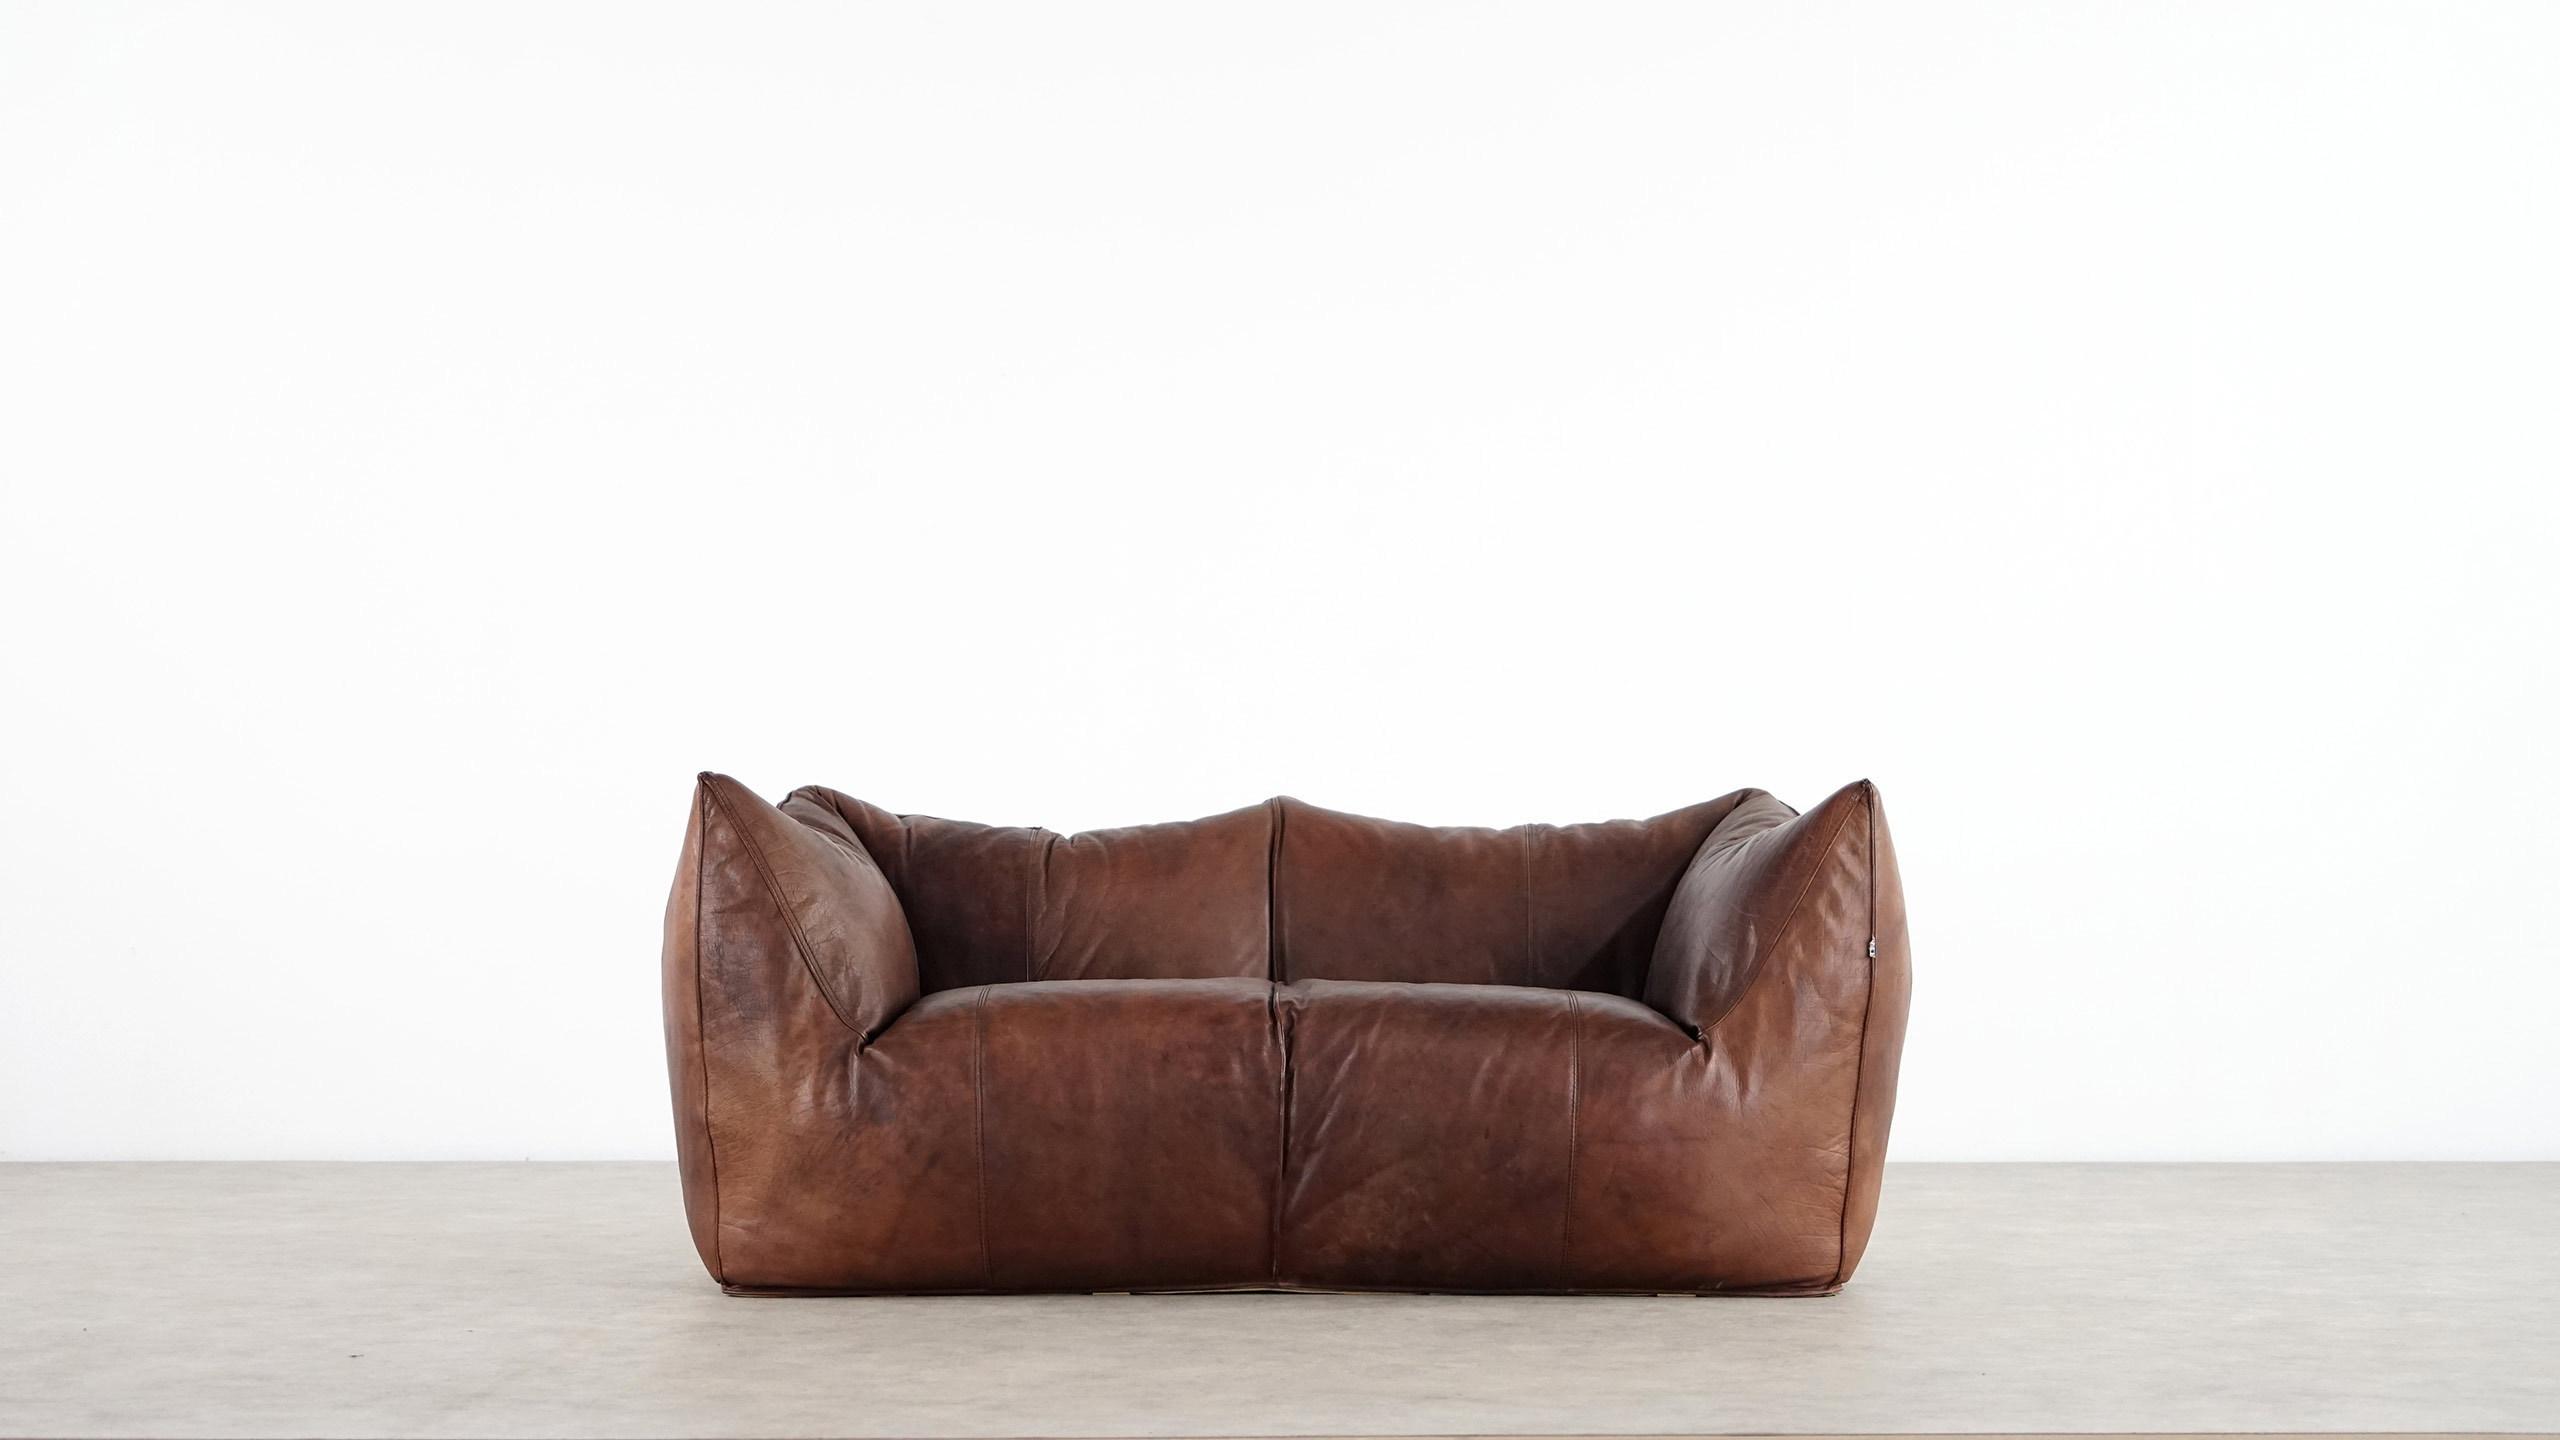 Mario bellini le bambole sofa 1972 for b b italia for B b sofa